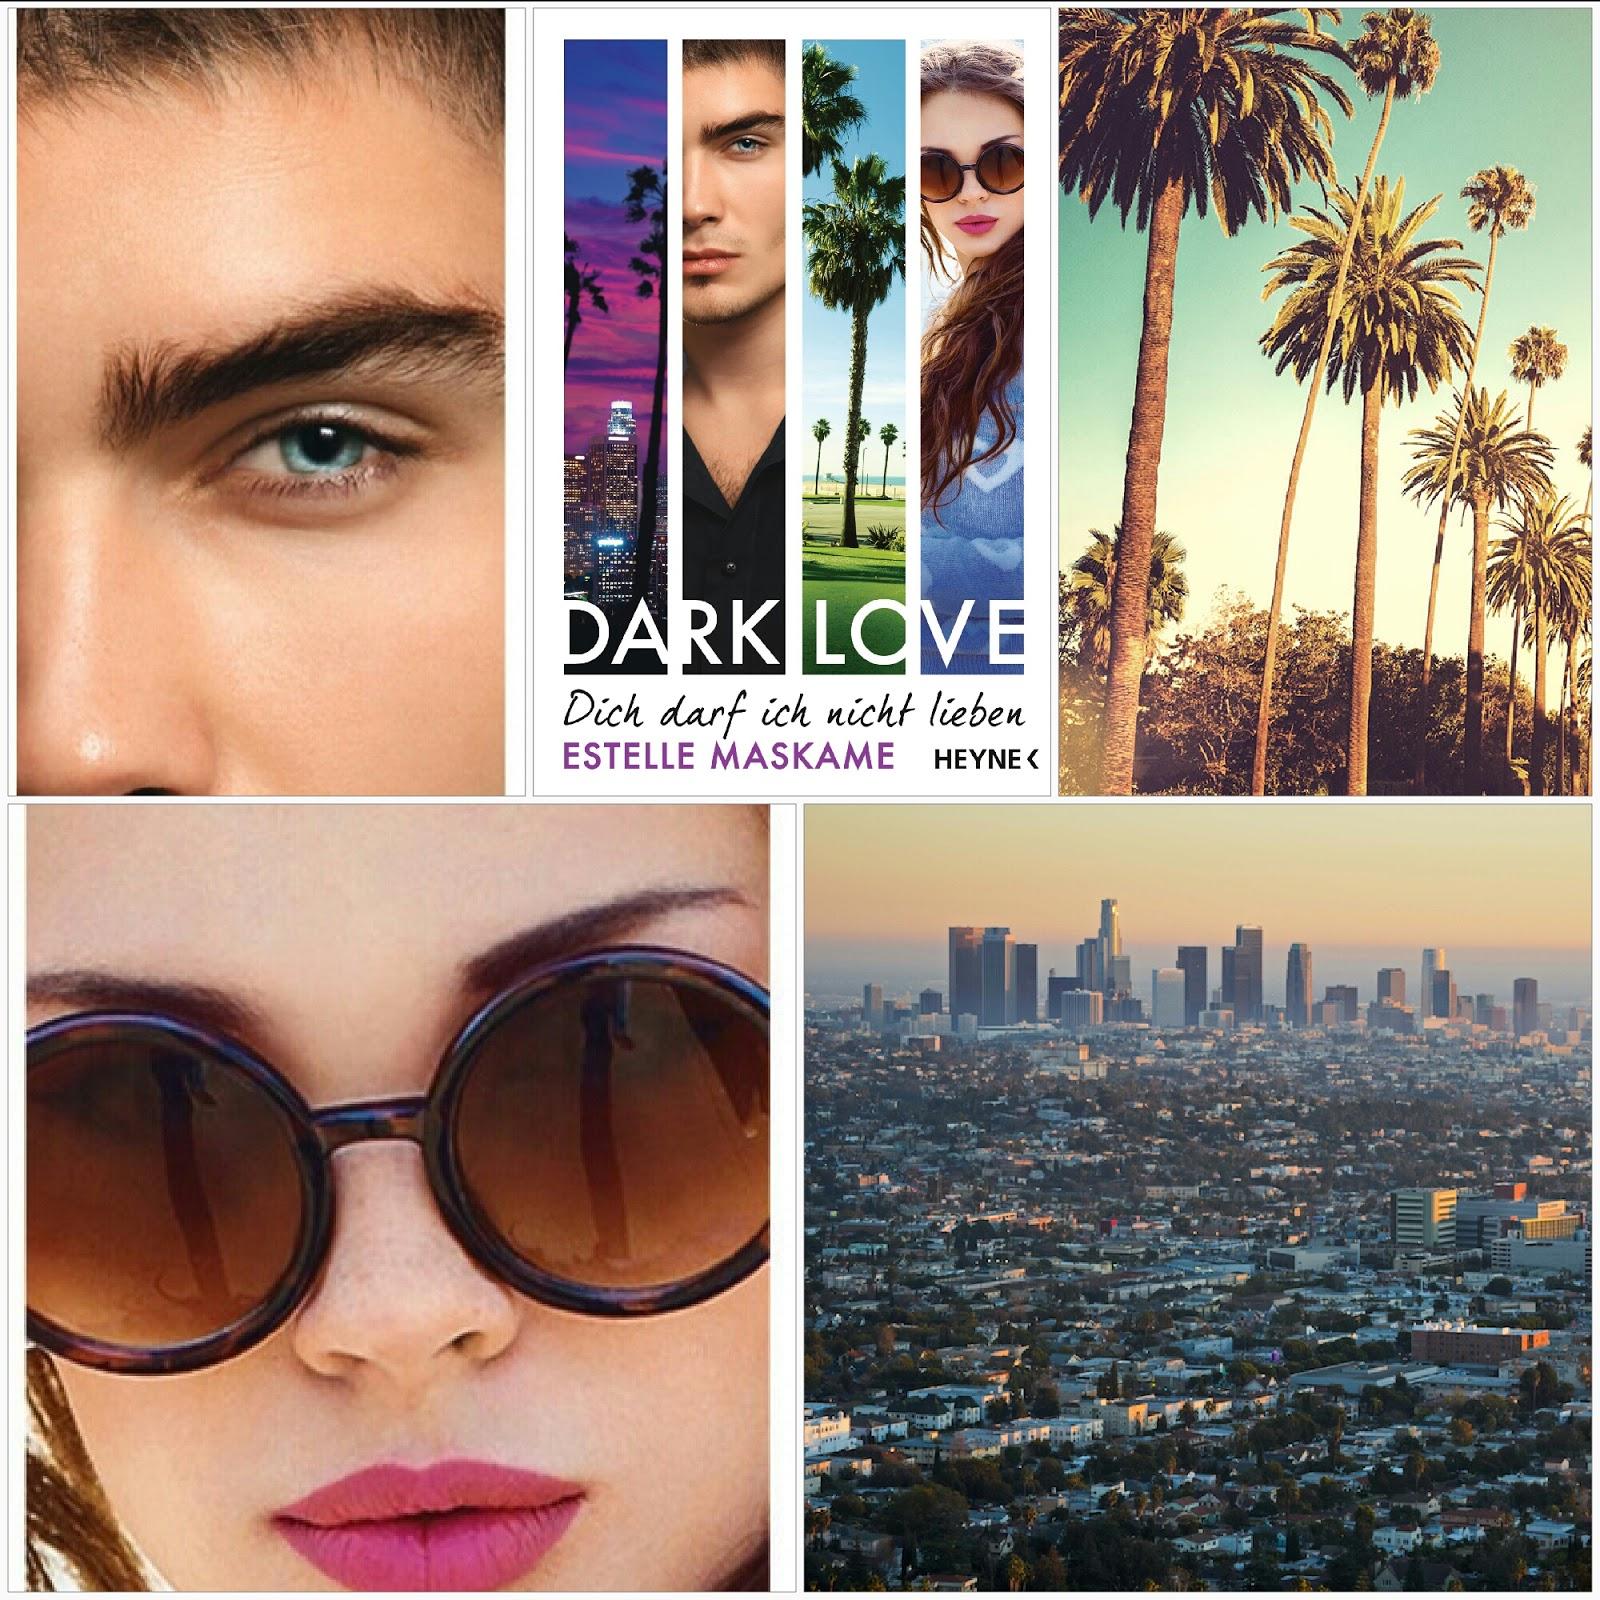 Dark Love - Dich darf ich nicht lieben - Estelle Maskame